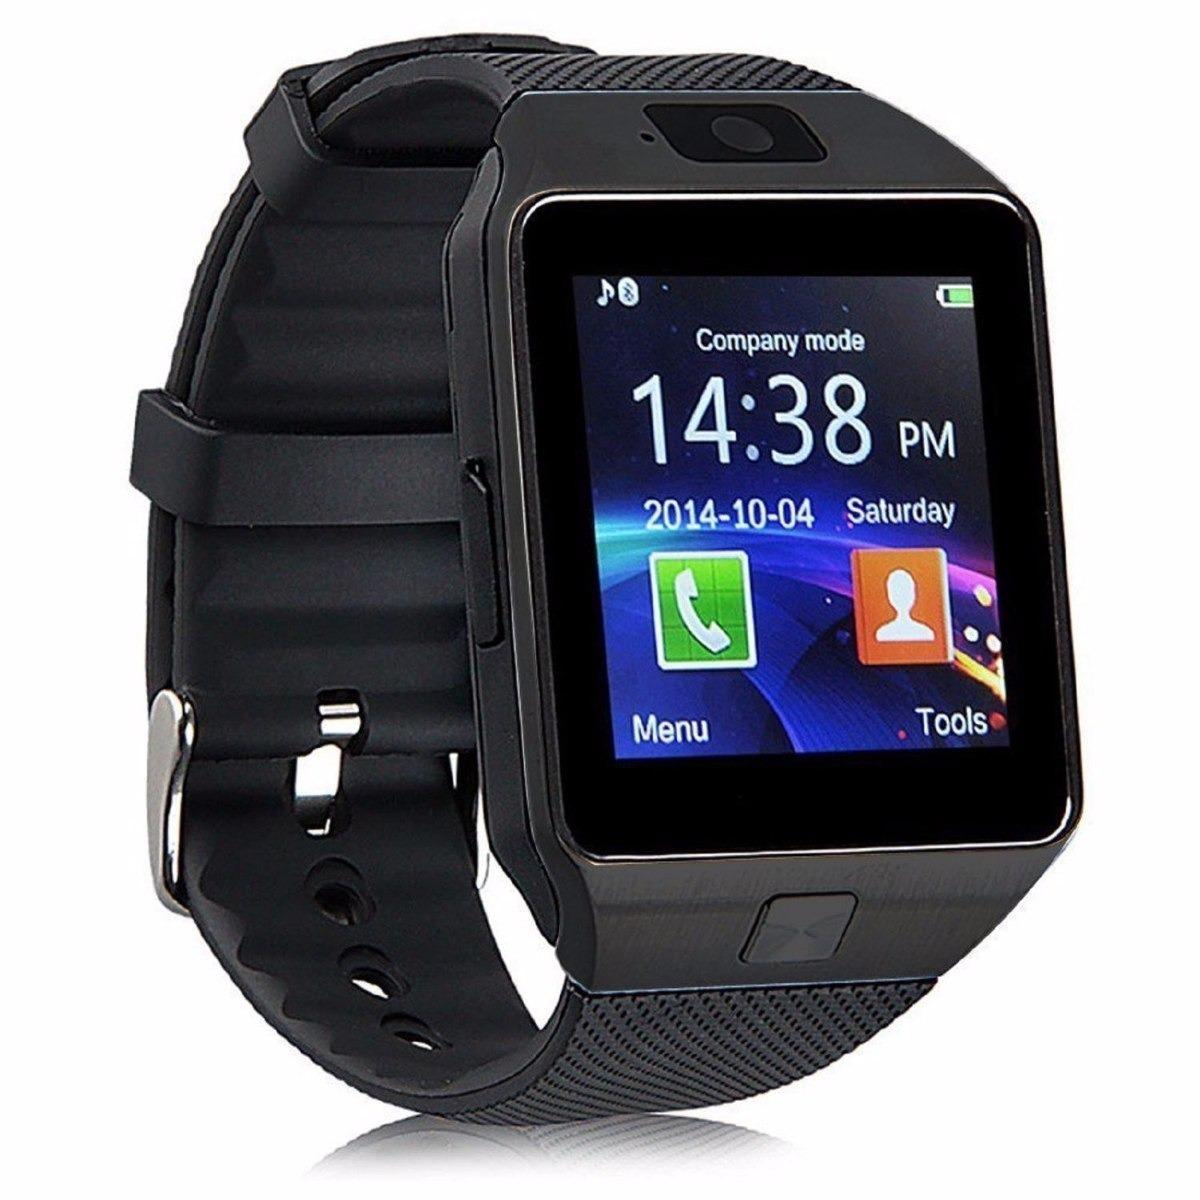 28deb1e2d70 relógio celular smartwatch dz09 bluetooth chip. Carregando zoom.